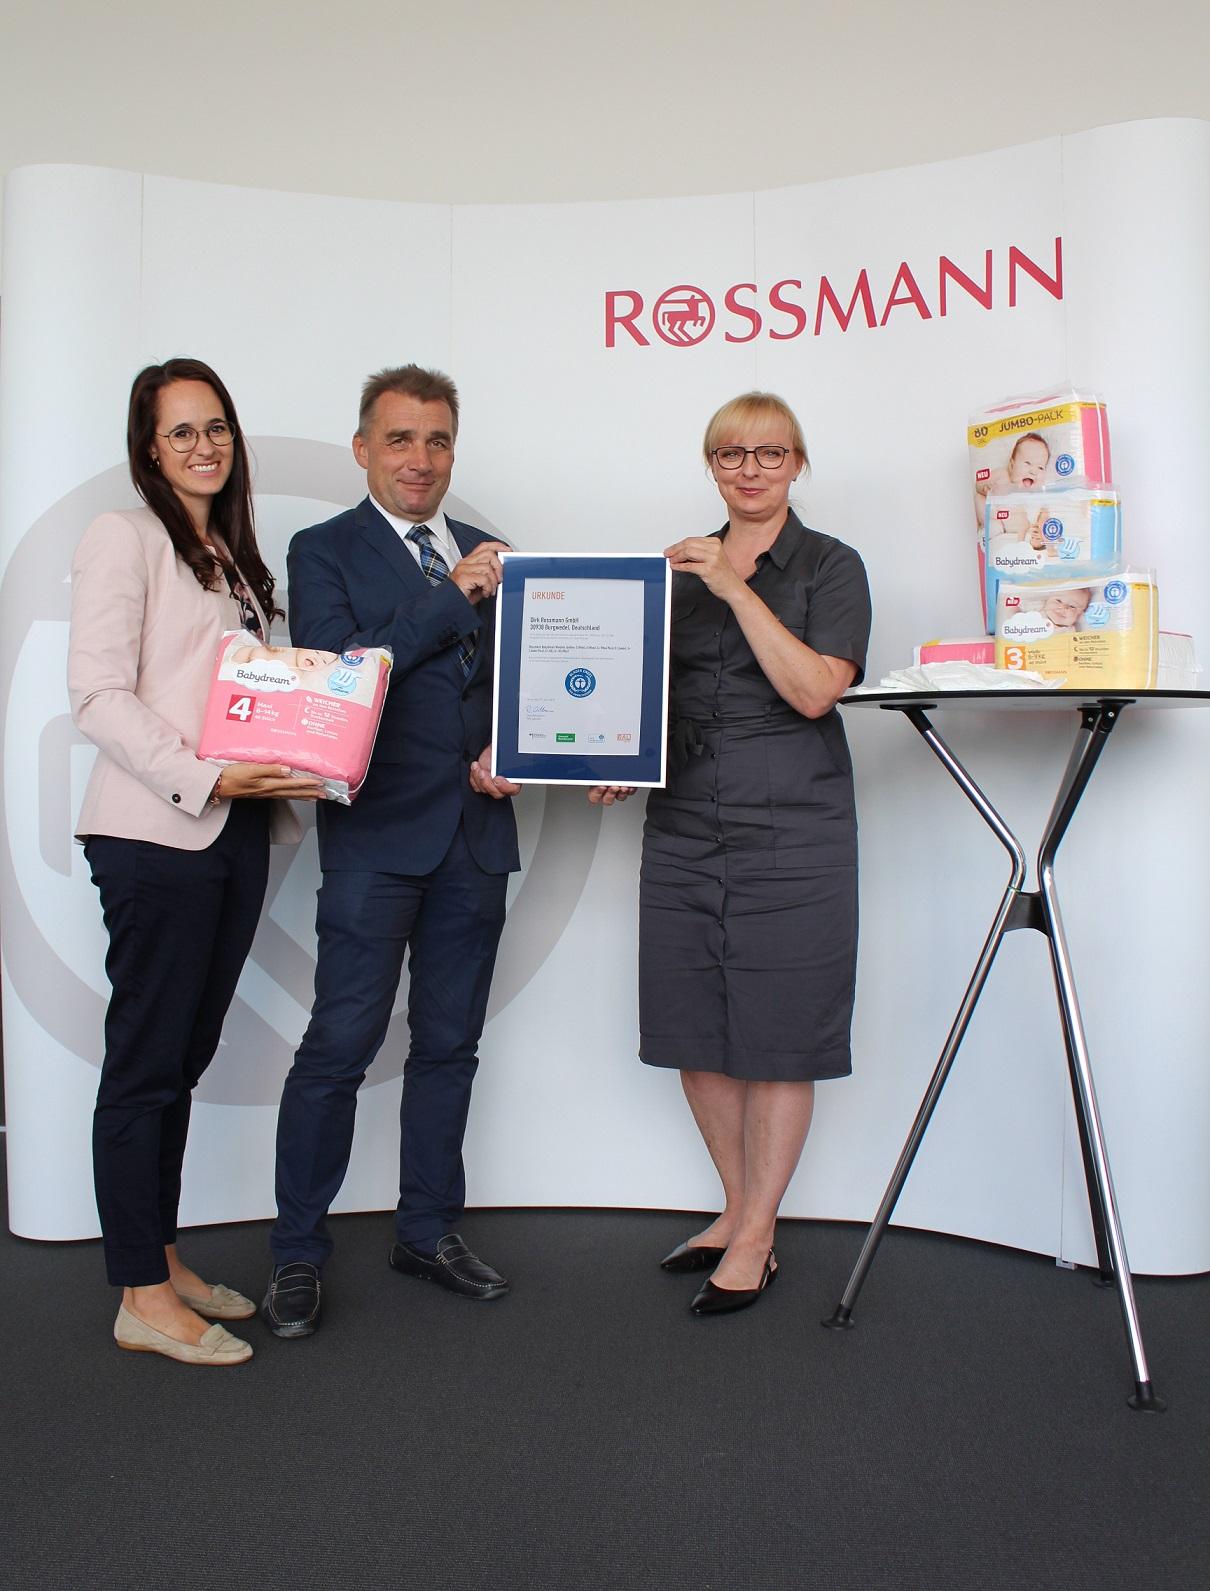 Die Windeln der ROSSMANN-Marke Babydream sind mit dem Blauen Engel ausgezeichnet. Im Bild: (v. l.) Michaela Held (Teamleitung Babydream Windeln und Pflege), Henning Scholtz (Leiter Bereich Umweltzeichen bei RAL Umwelt) und Sandra Lorenz (Geschäftsleitung ROSSMANN-Eigenmarken).